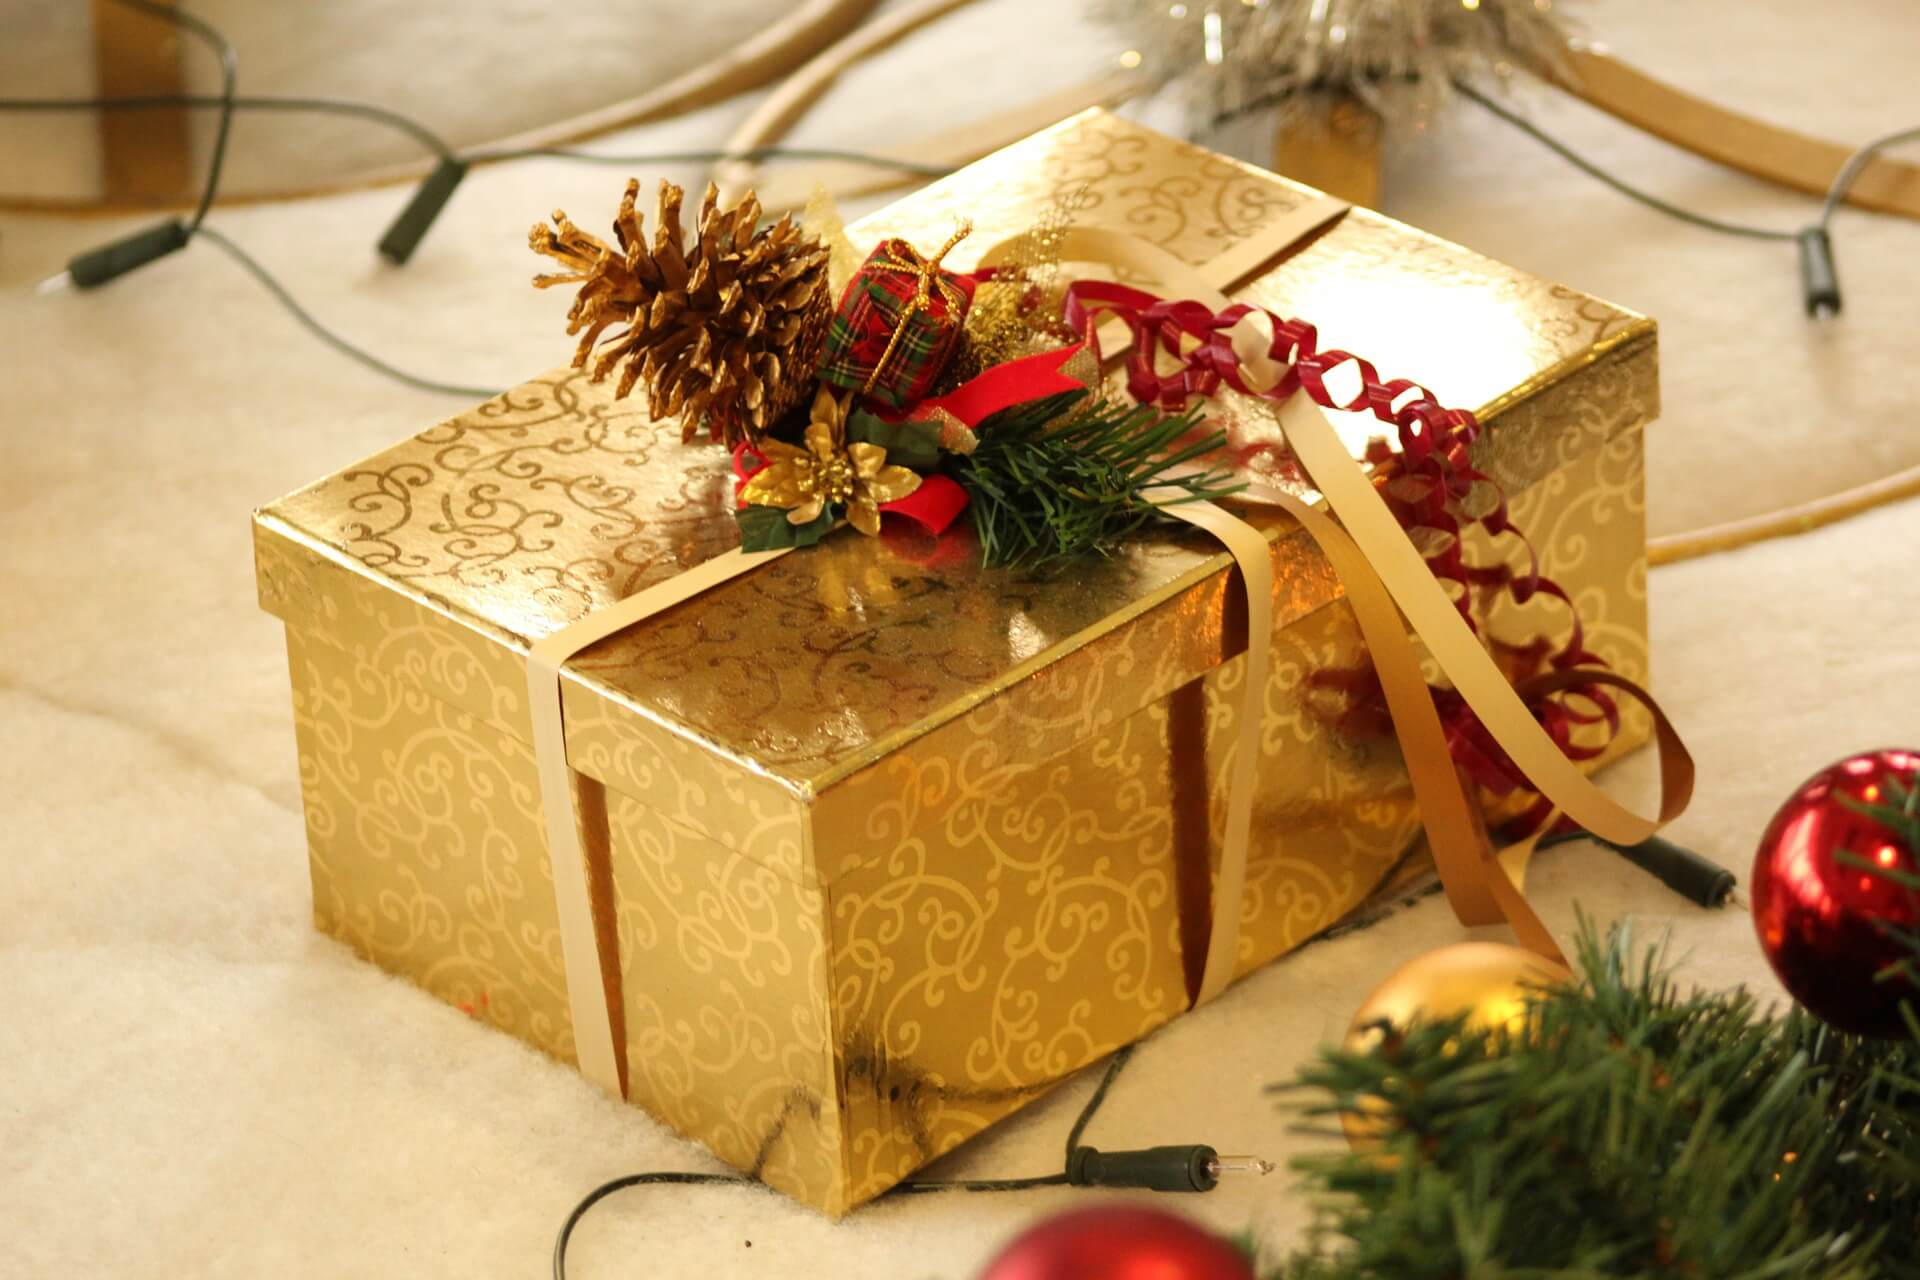 Darujte Svým Blízkým Radost Nejen Na Vánoce.